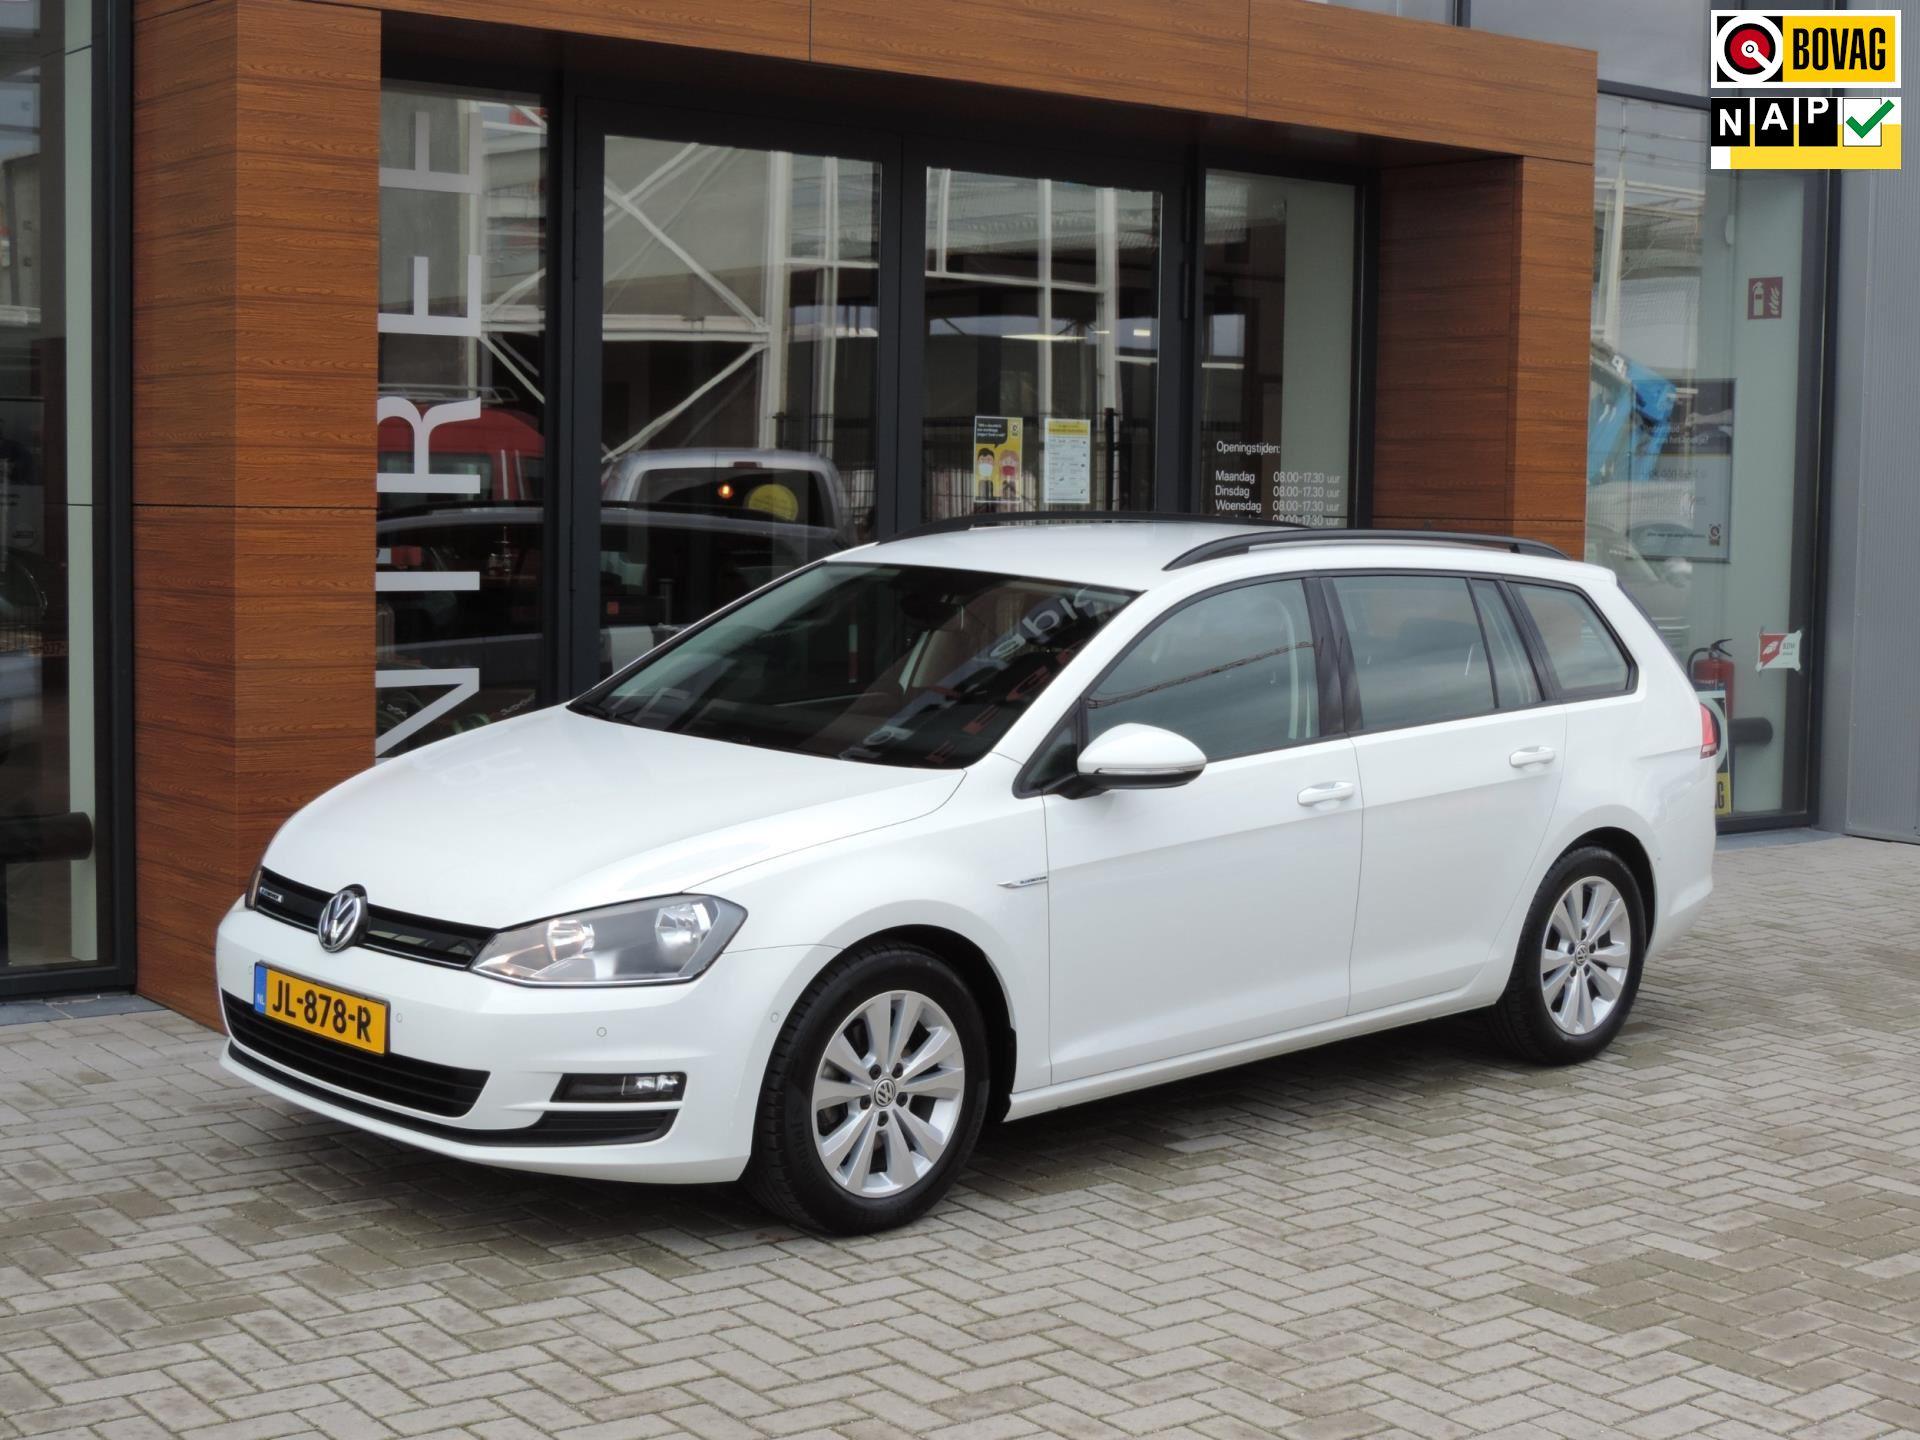 Volkswagen Golf Variant occasion - Autobedrijf van Meegen